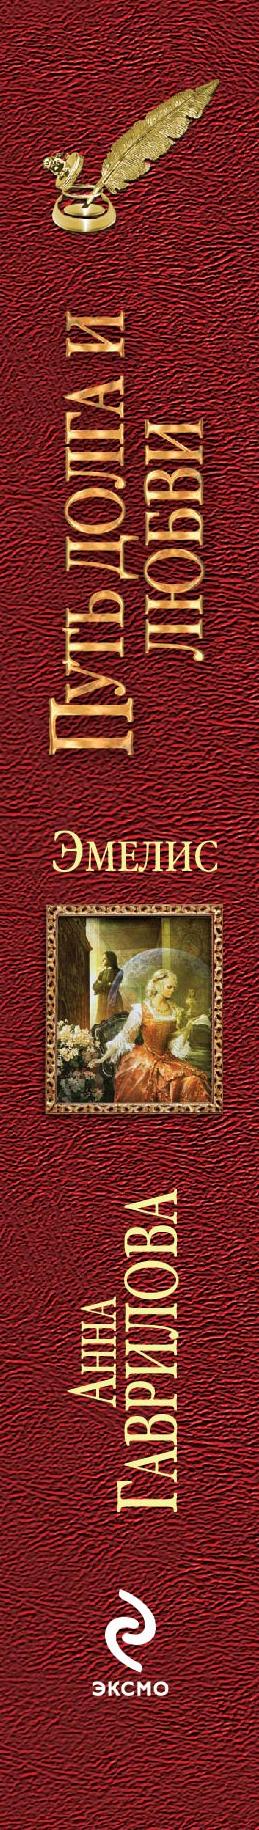 ЭМЕЛИС.ПУТЬ ДОЛГА И ЛЮБВИ СКАЧАТЬ БЕСПЛАТНО